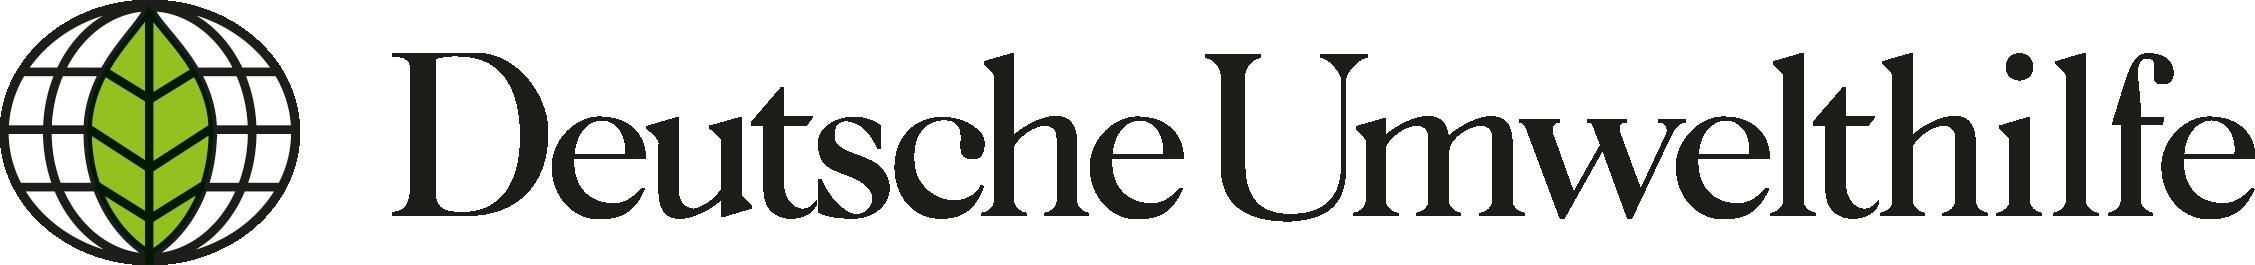 Logo von Deutsche Umwelthilfe